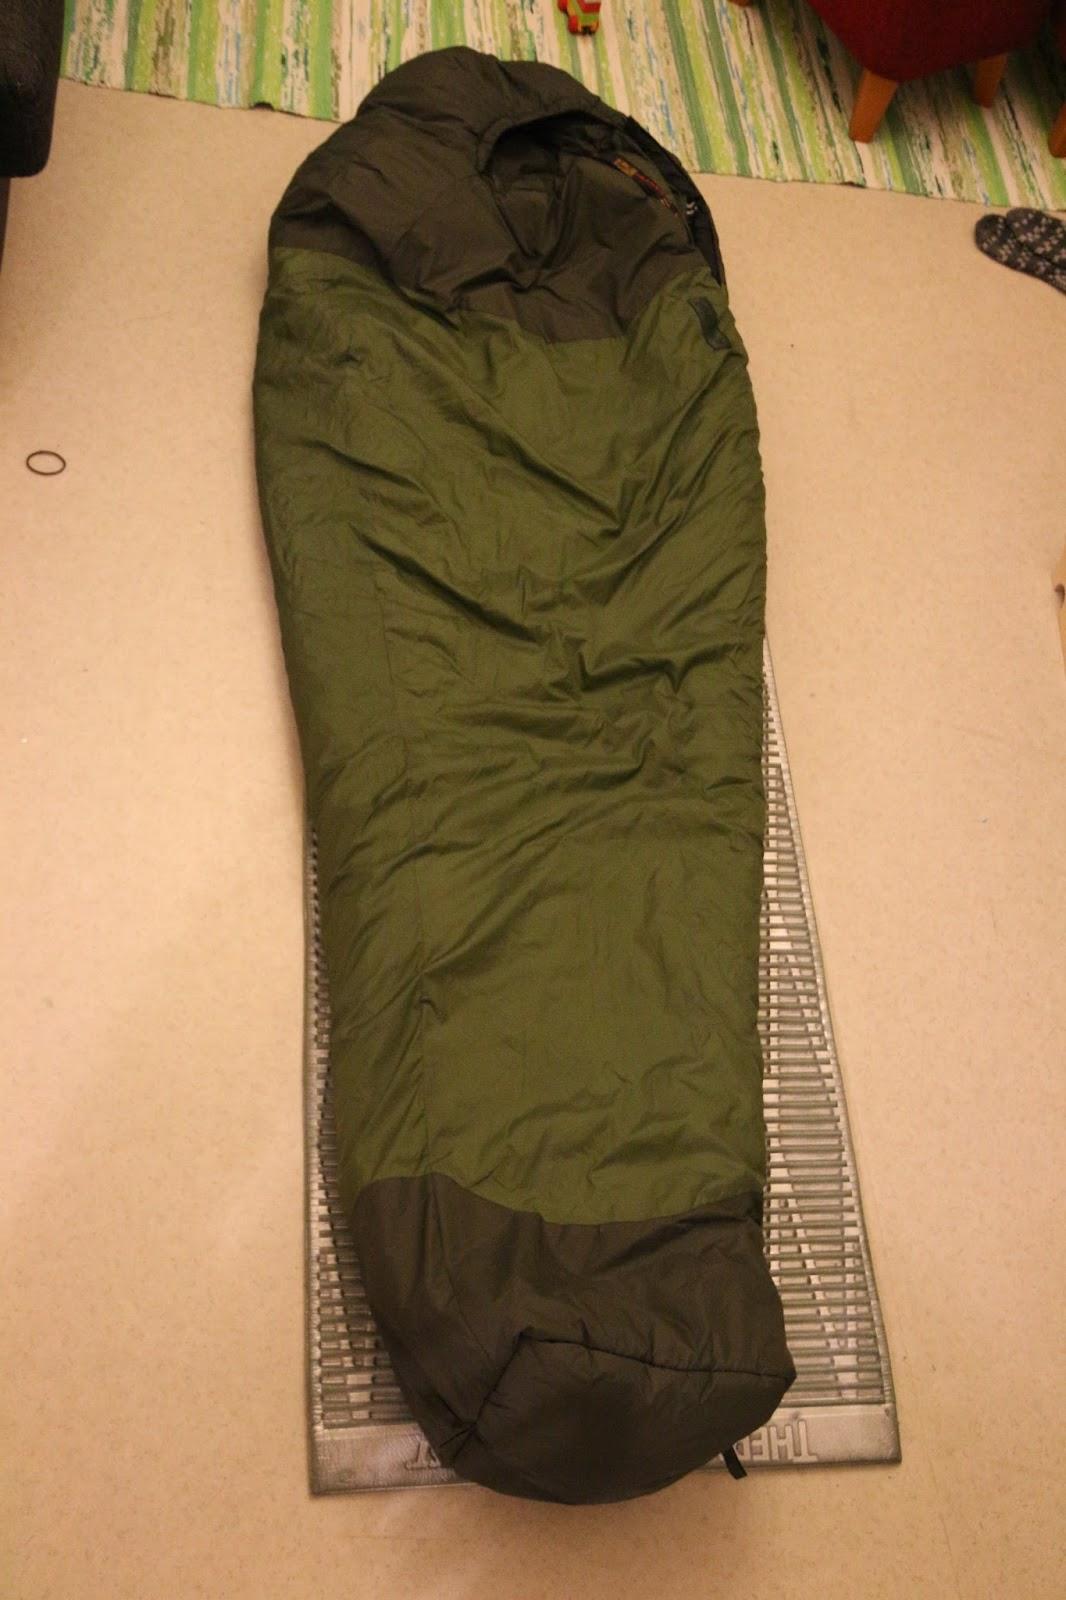 verkossa täällä yksinoikeudella saada verkkoon akpojan retkiblogi: Retkipeitto (talvi)makuupussin ...